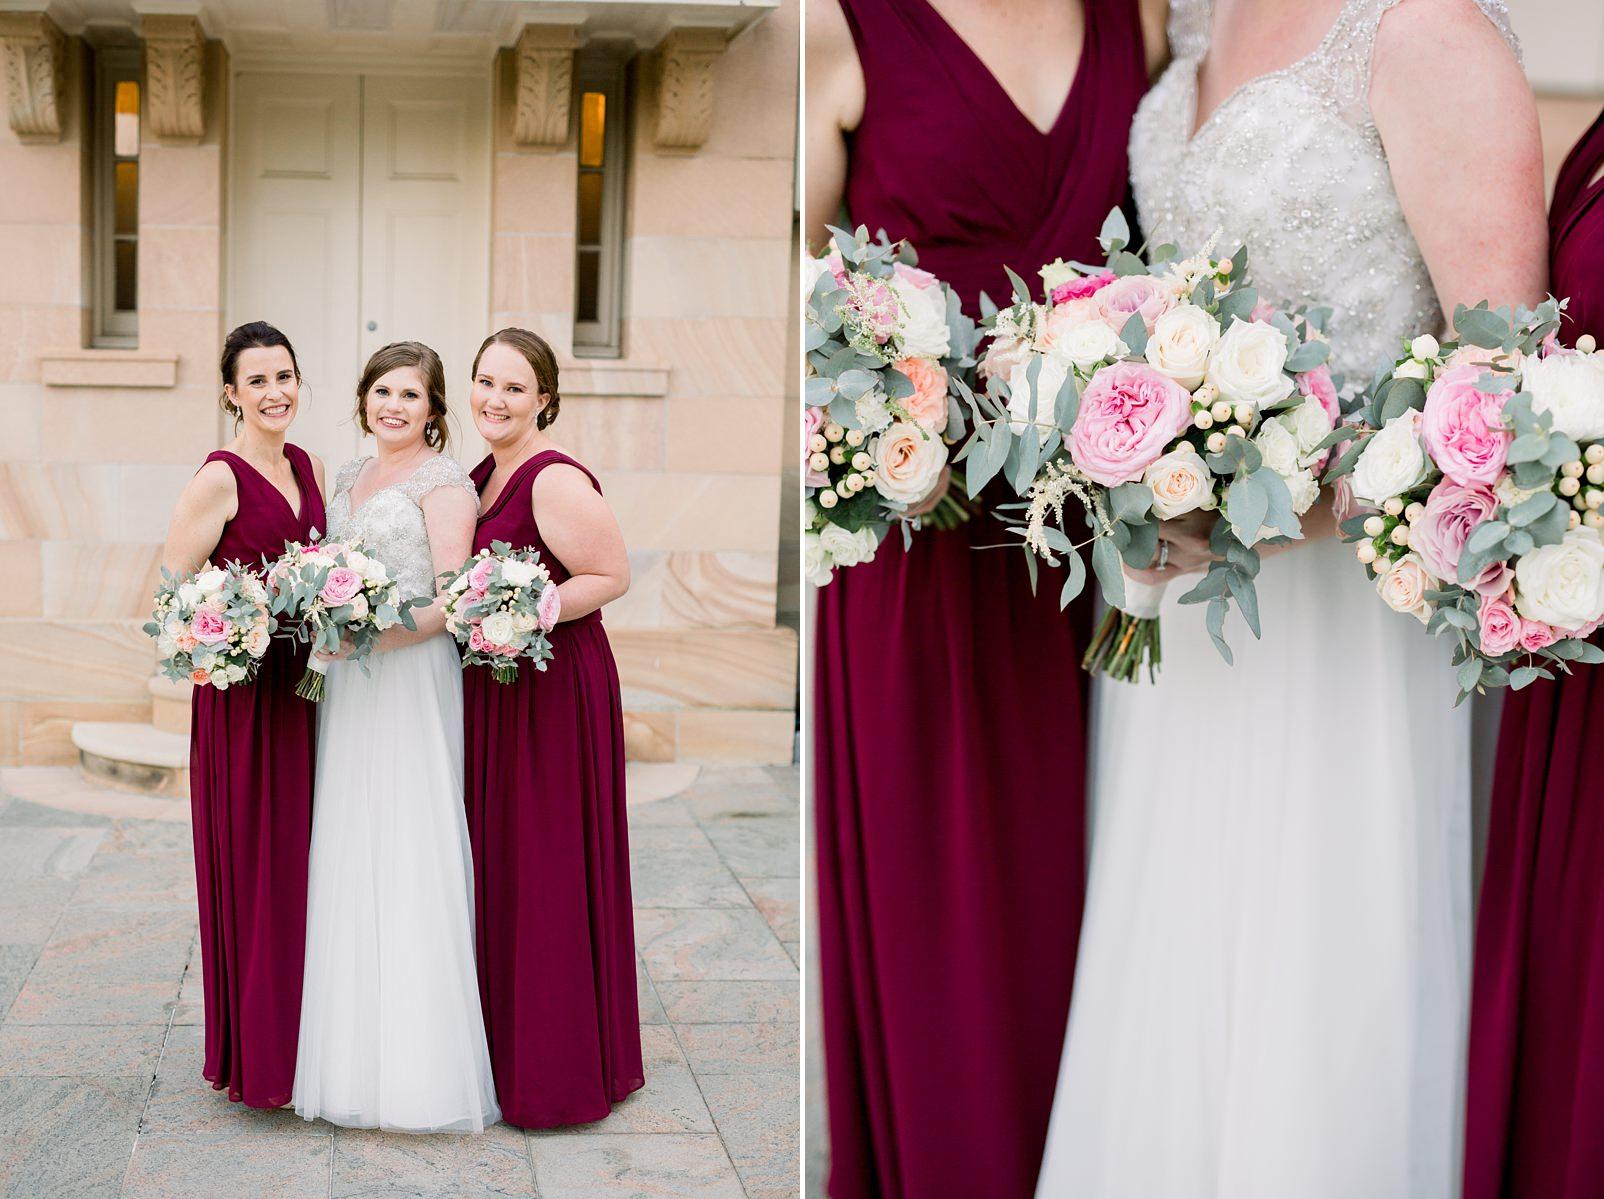 Stamford Plaza Brisbane Wedding Photography